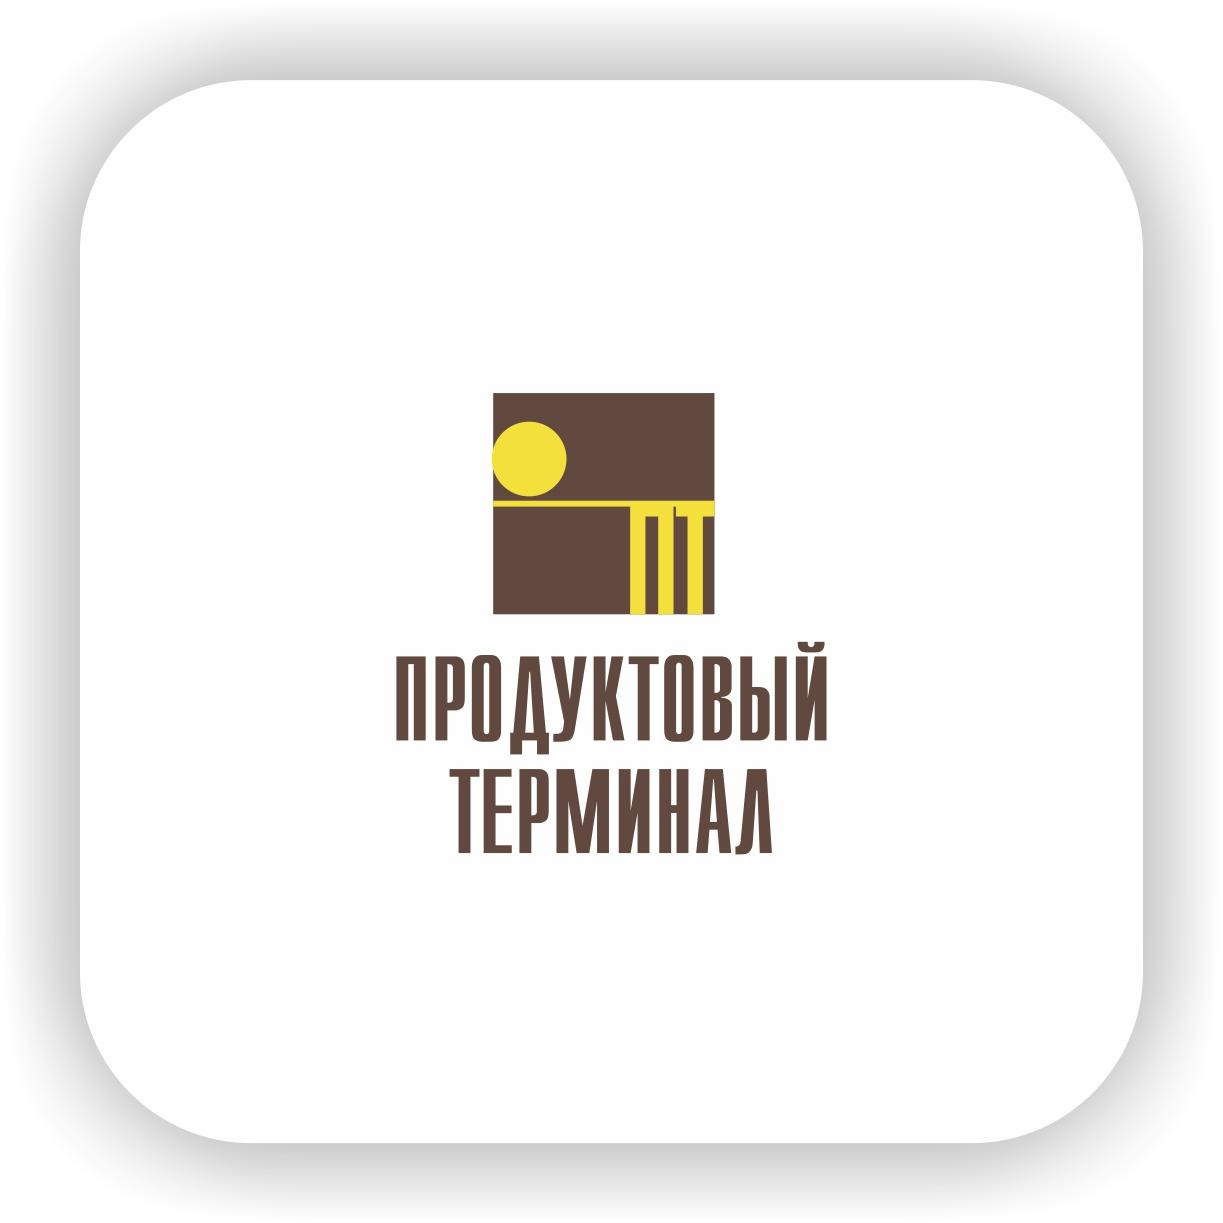 Логотип для сети продуктовых магазинов фото f_9035708217acadde.jpg